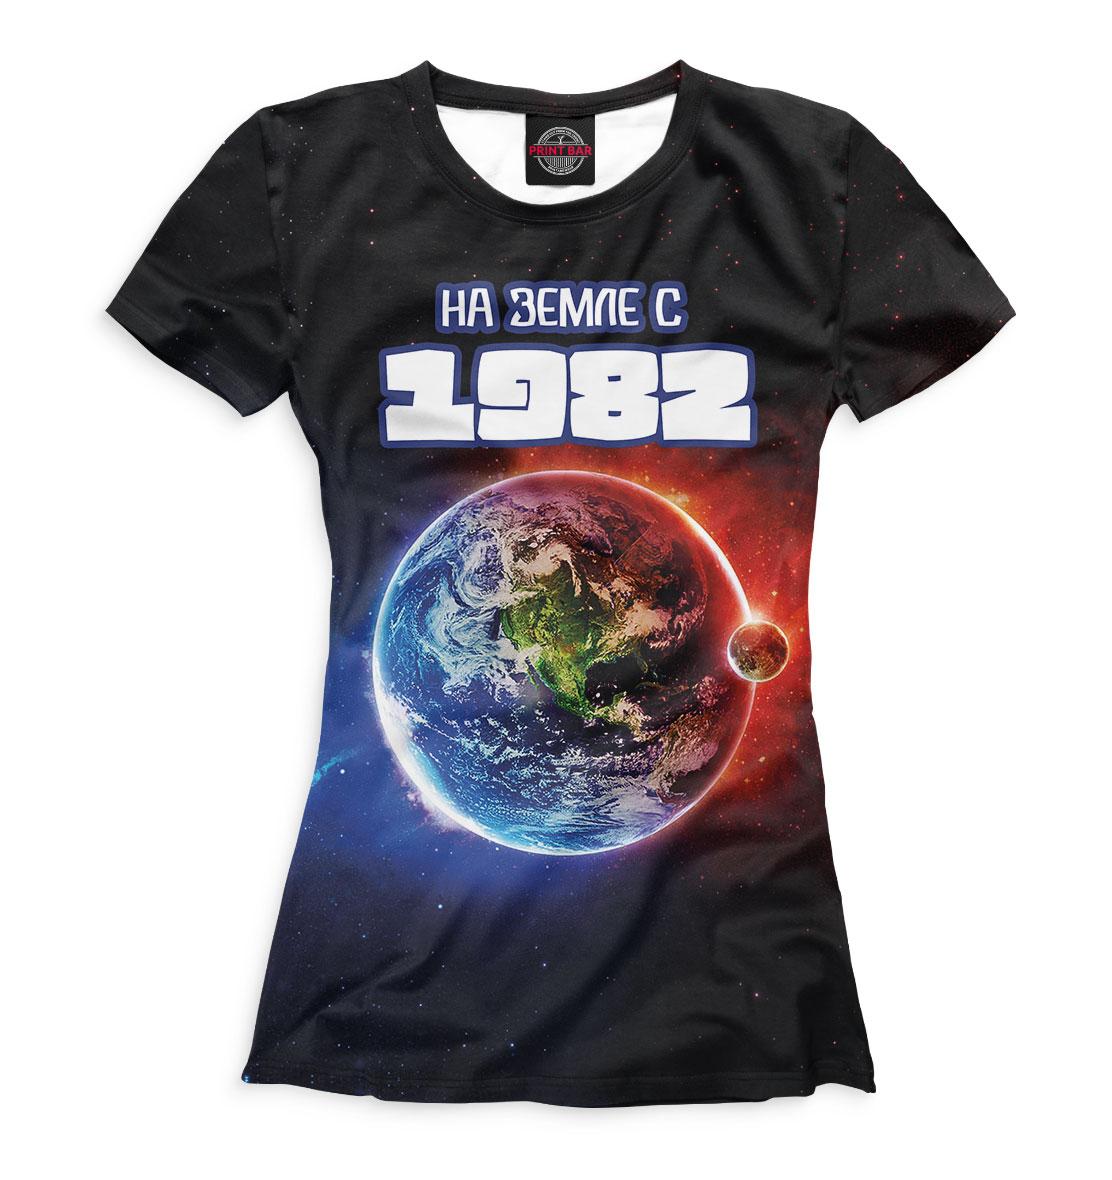 На Земле с 1982, Printbar, Футболки, DVD-986196-fut-1  - купить со скидкой